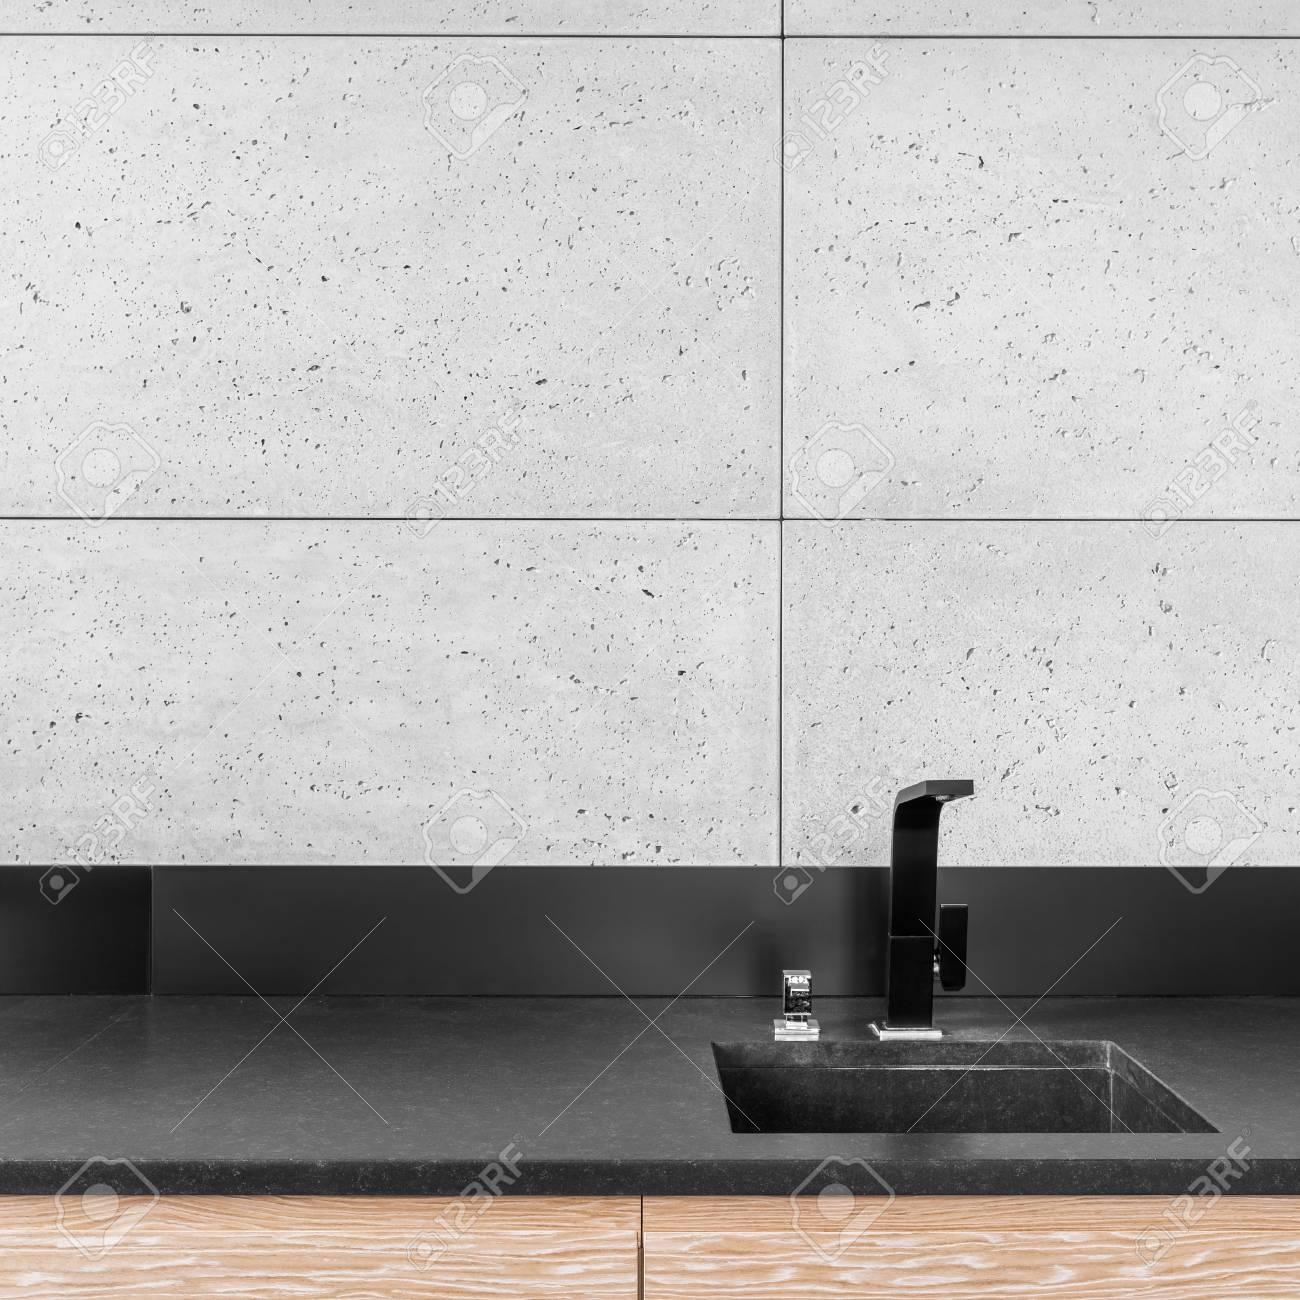 Full Size of Wandfliesen Küche Arbeitsplatte Vorhänge Einbauküche Kaufen Anrichte Für Ikea Miniküche Bartisch Holz Tapete Sitzecke Fliesenspiegel Mobile Weisse Wohnzimmer Wandfliesen Küche Modern